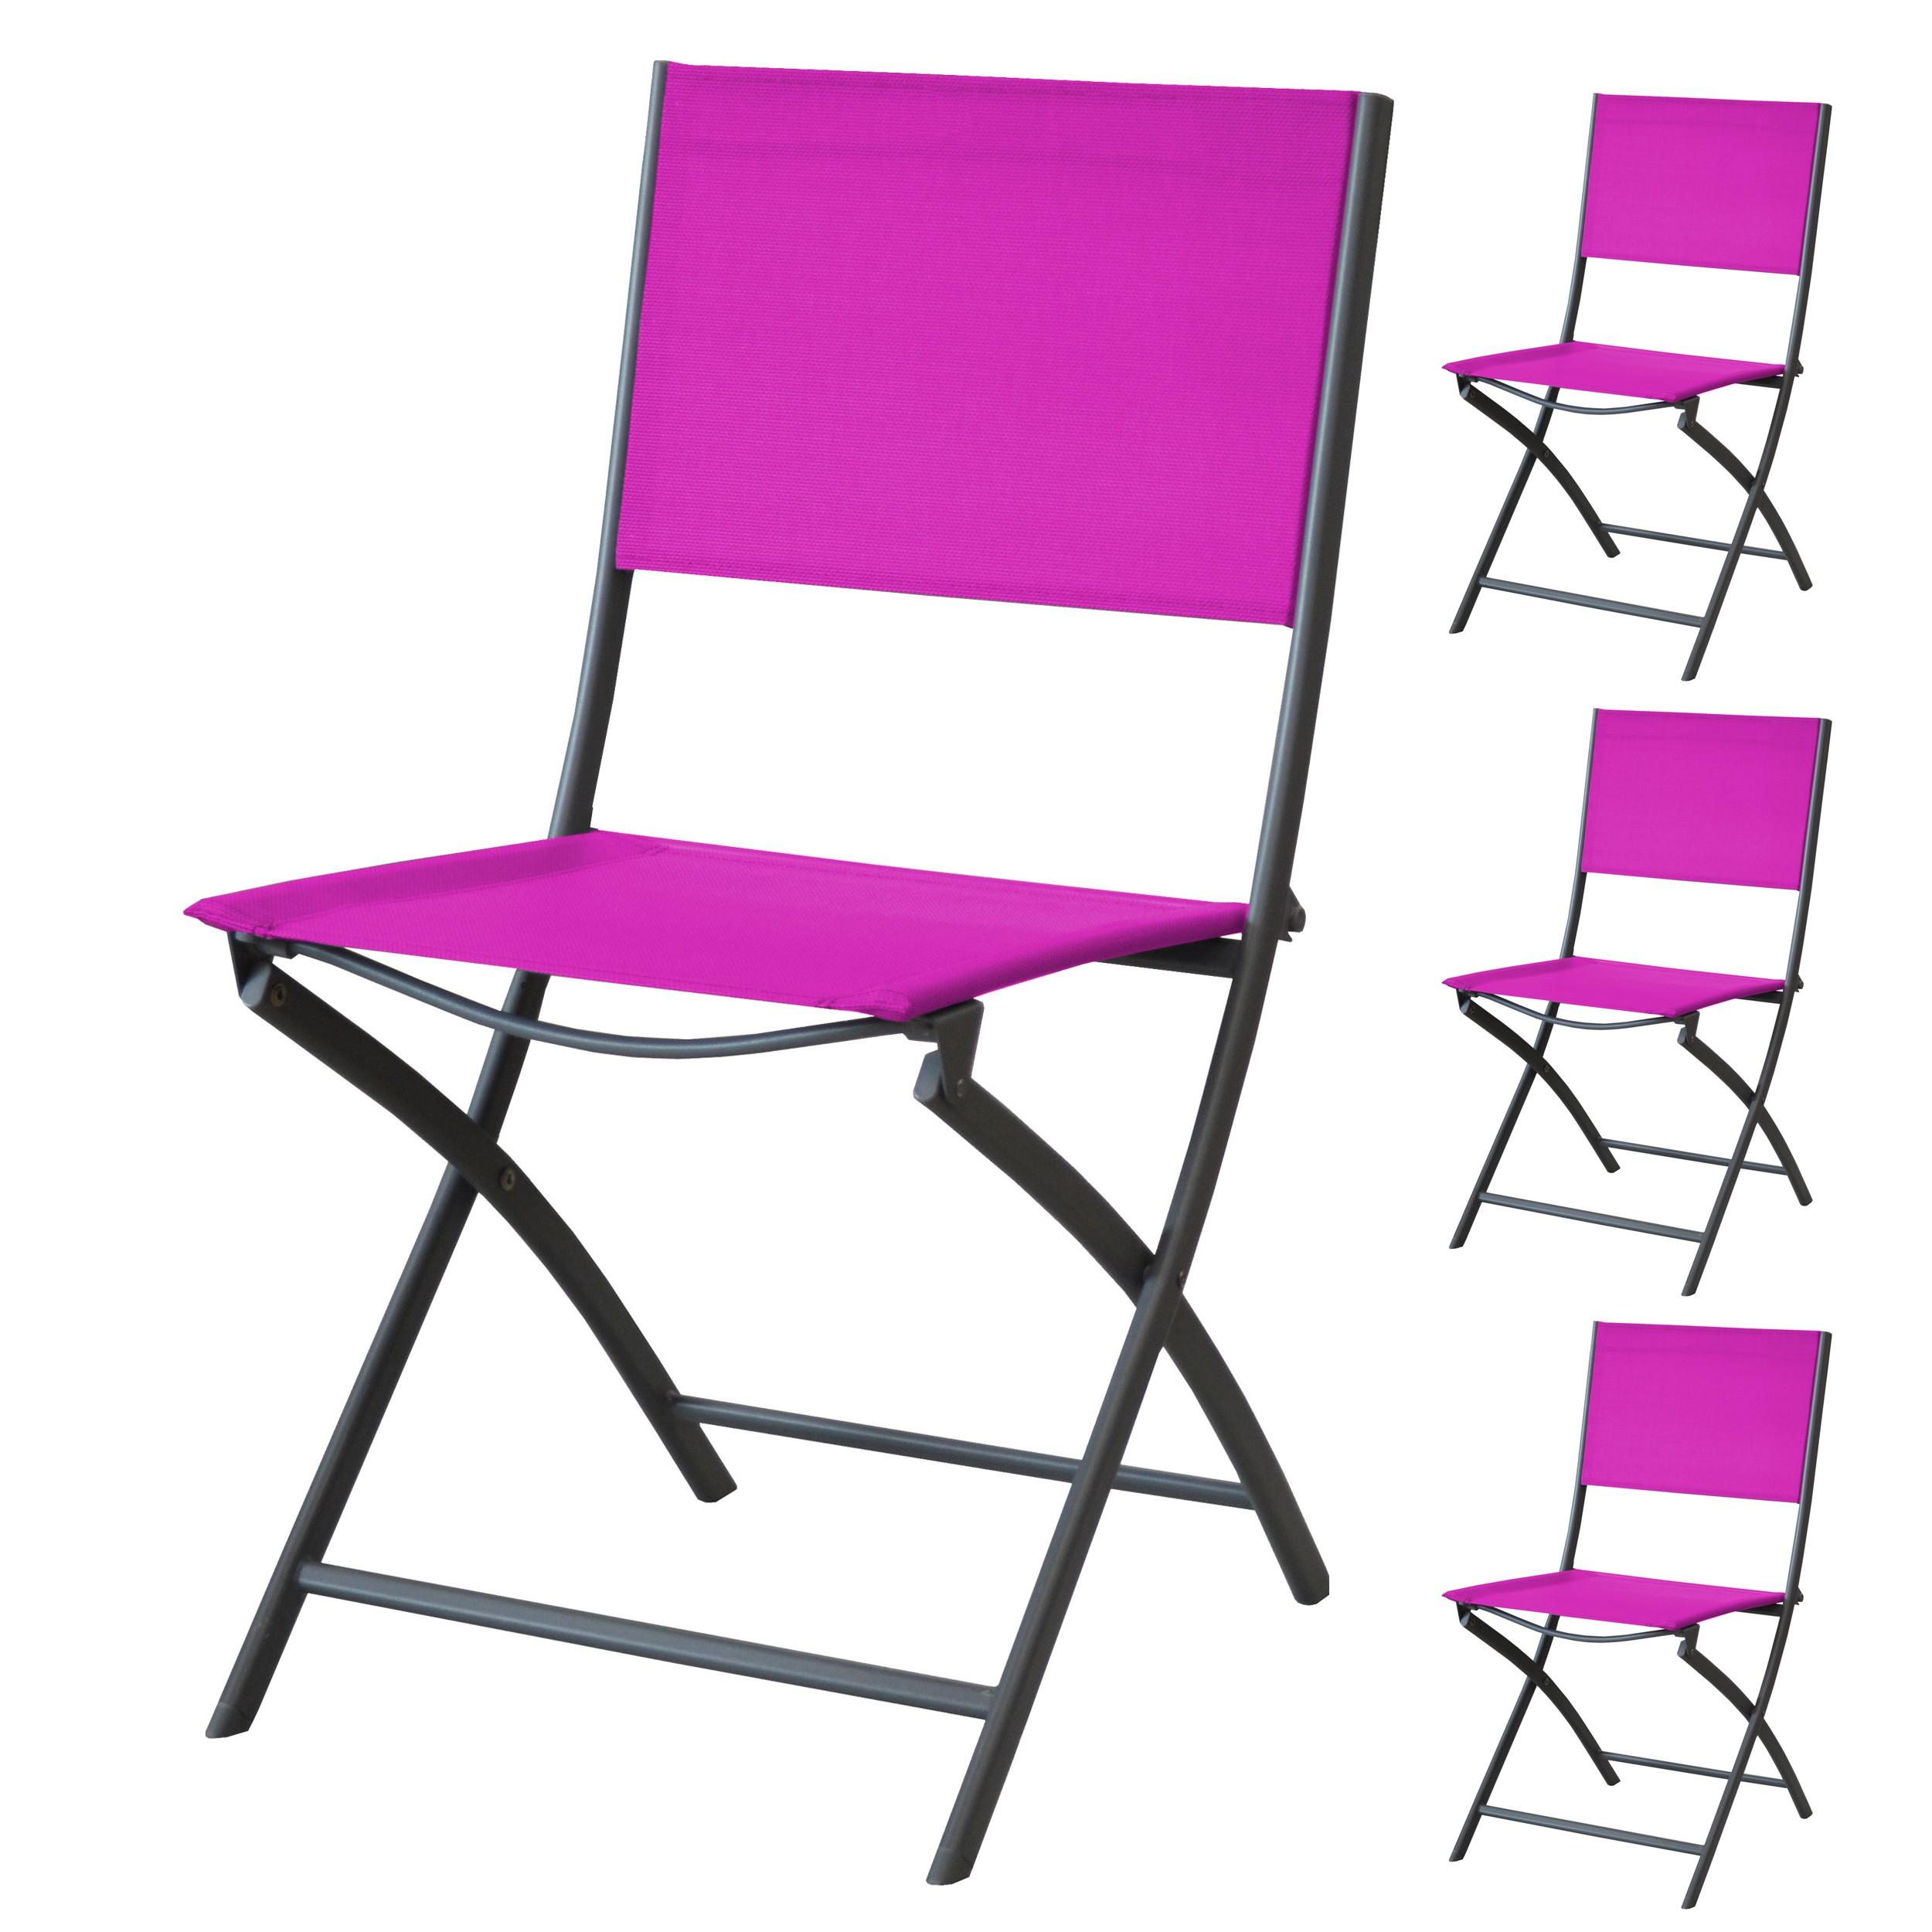 Chaise de jardin Santos pliable framboise (lot de 4) : adoptez les ...